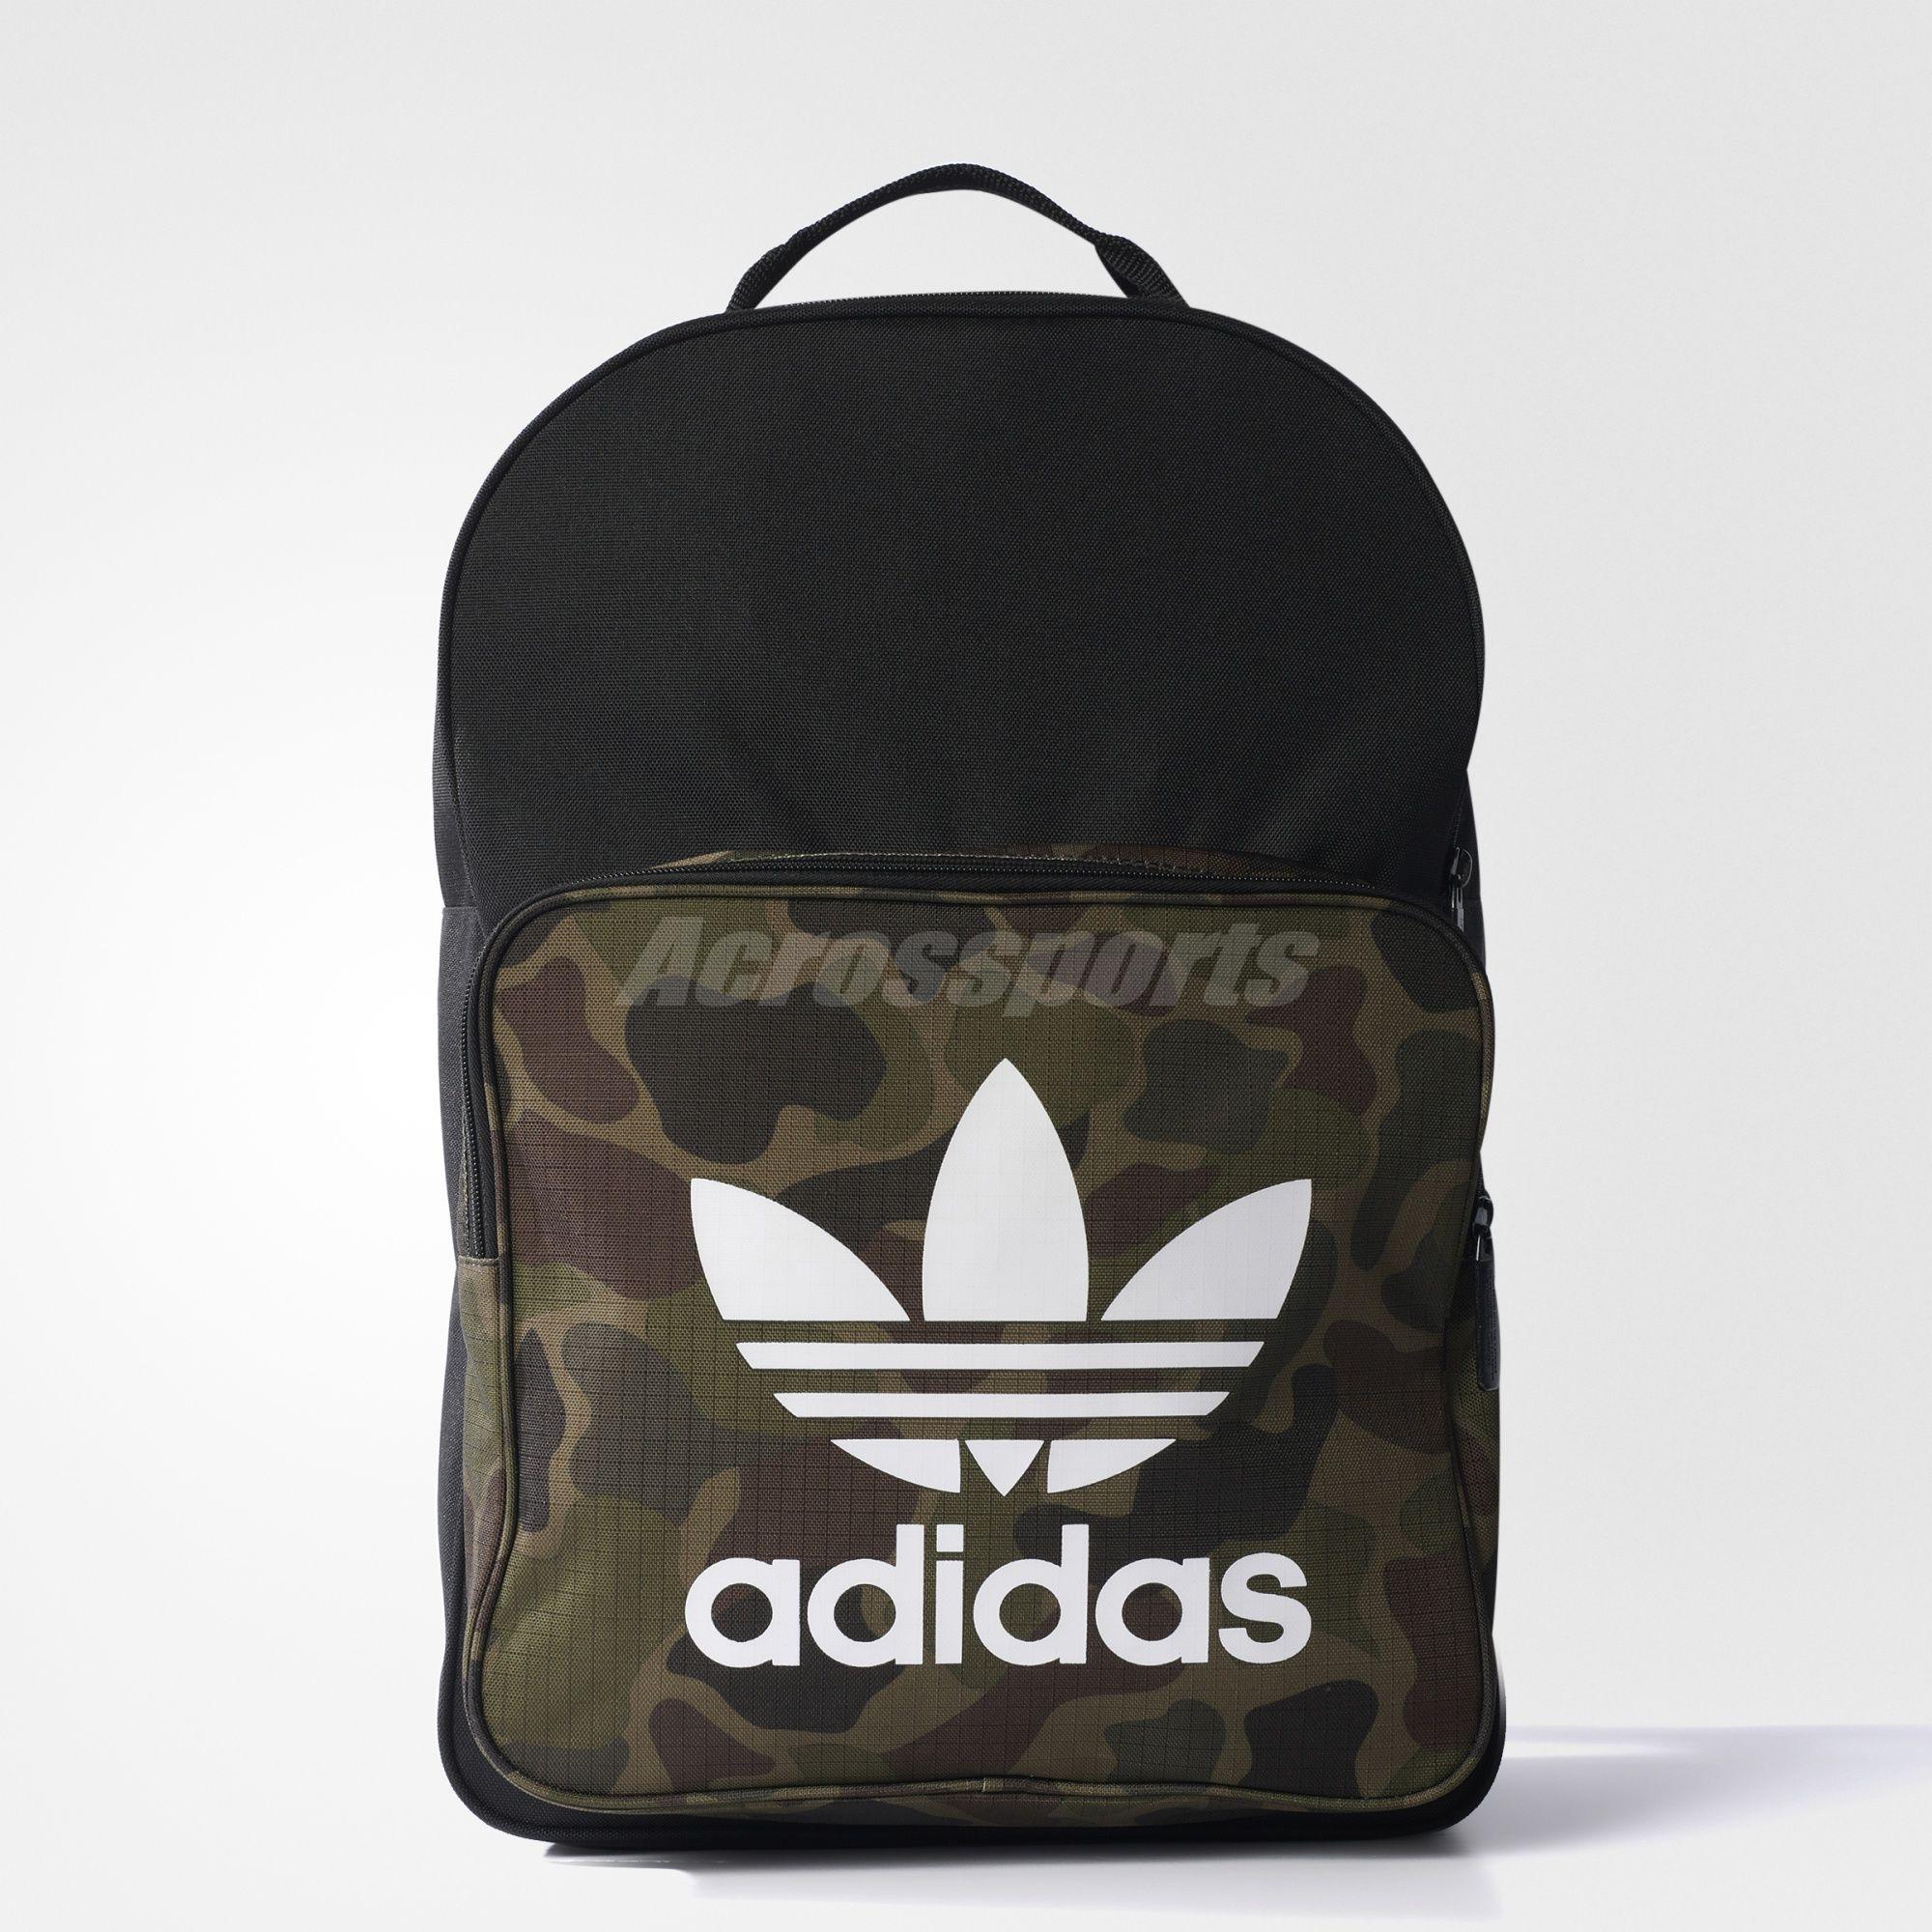 adidas Originals Classic Camouflage Black Men Backpack BP Bag BK7214 ... 7705fe1038a4a